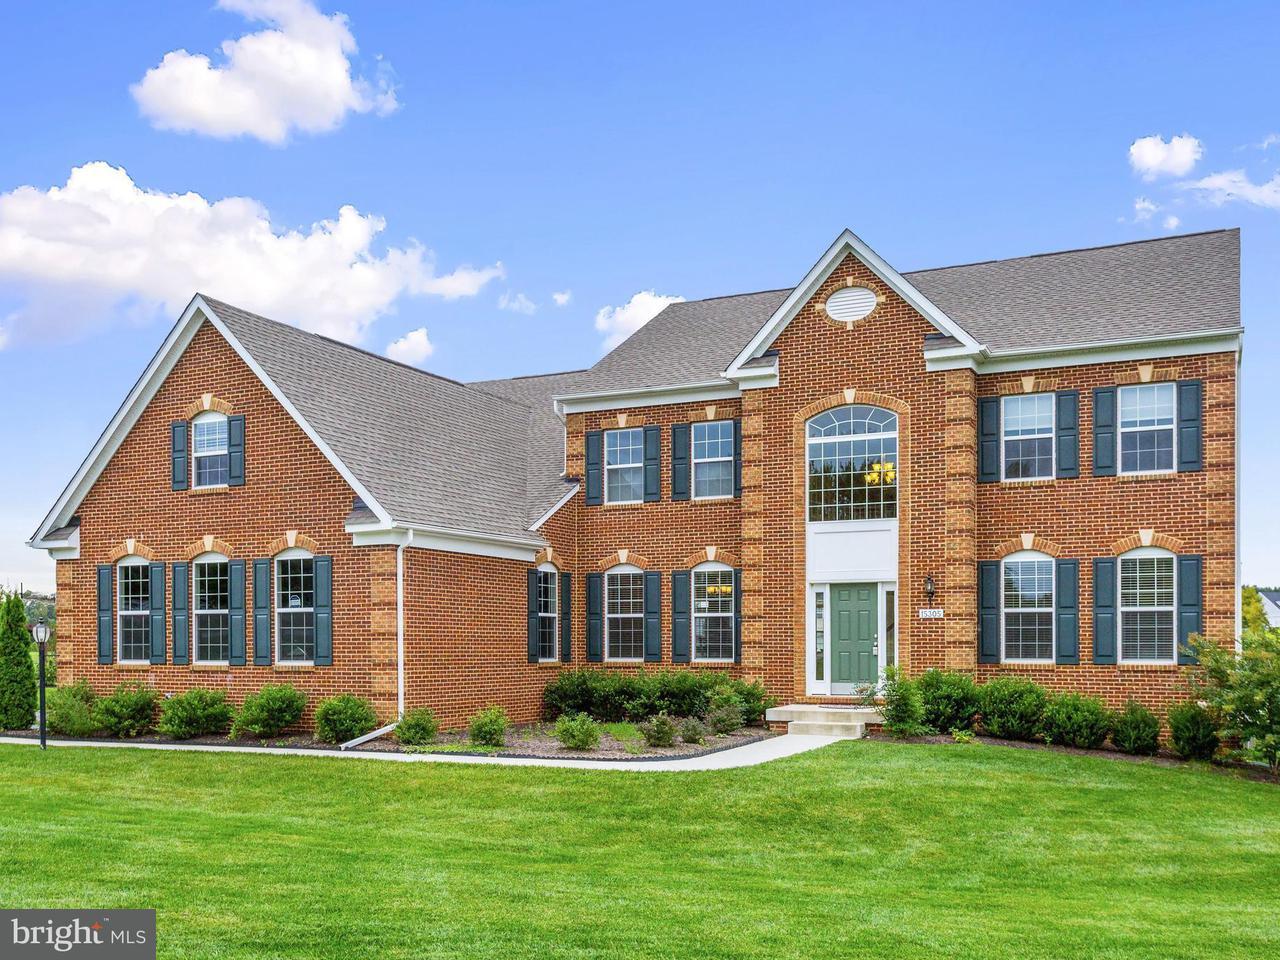 独户住宅 为 销售 在 15305 SWEETBAY Street 15305 SWEETBAY Street Woodbine, 马里兰州 21797 美国